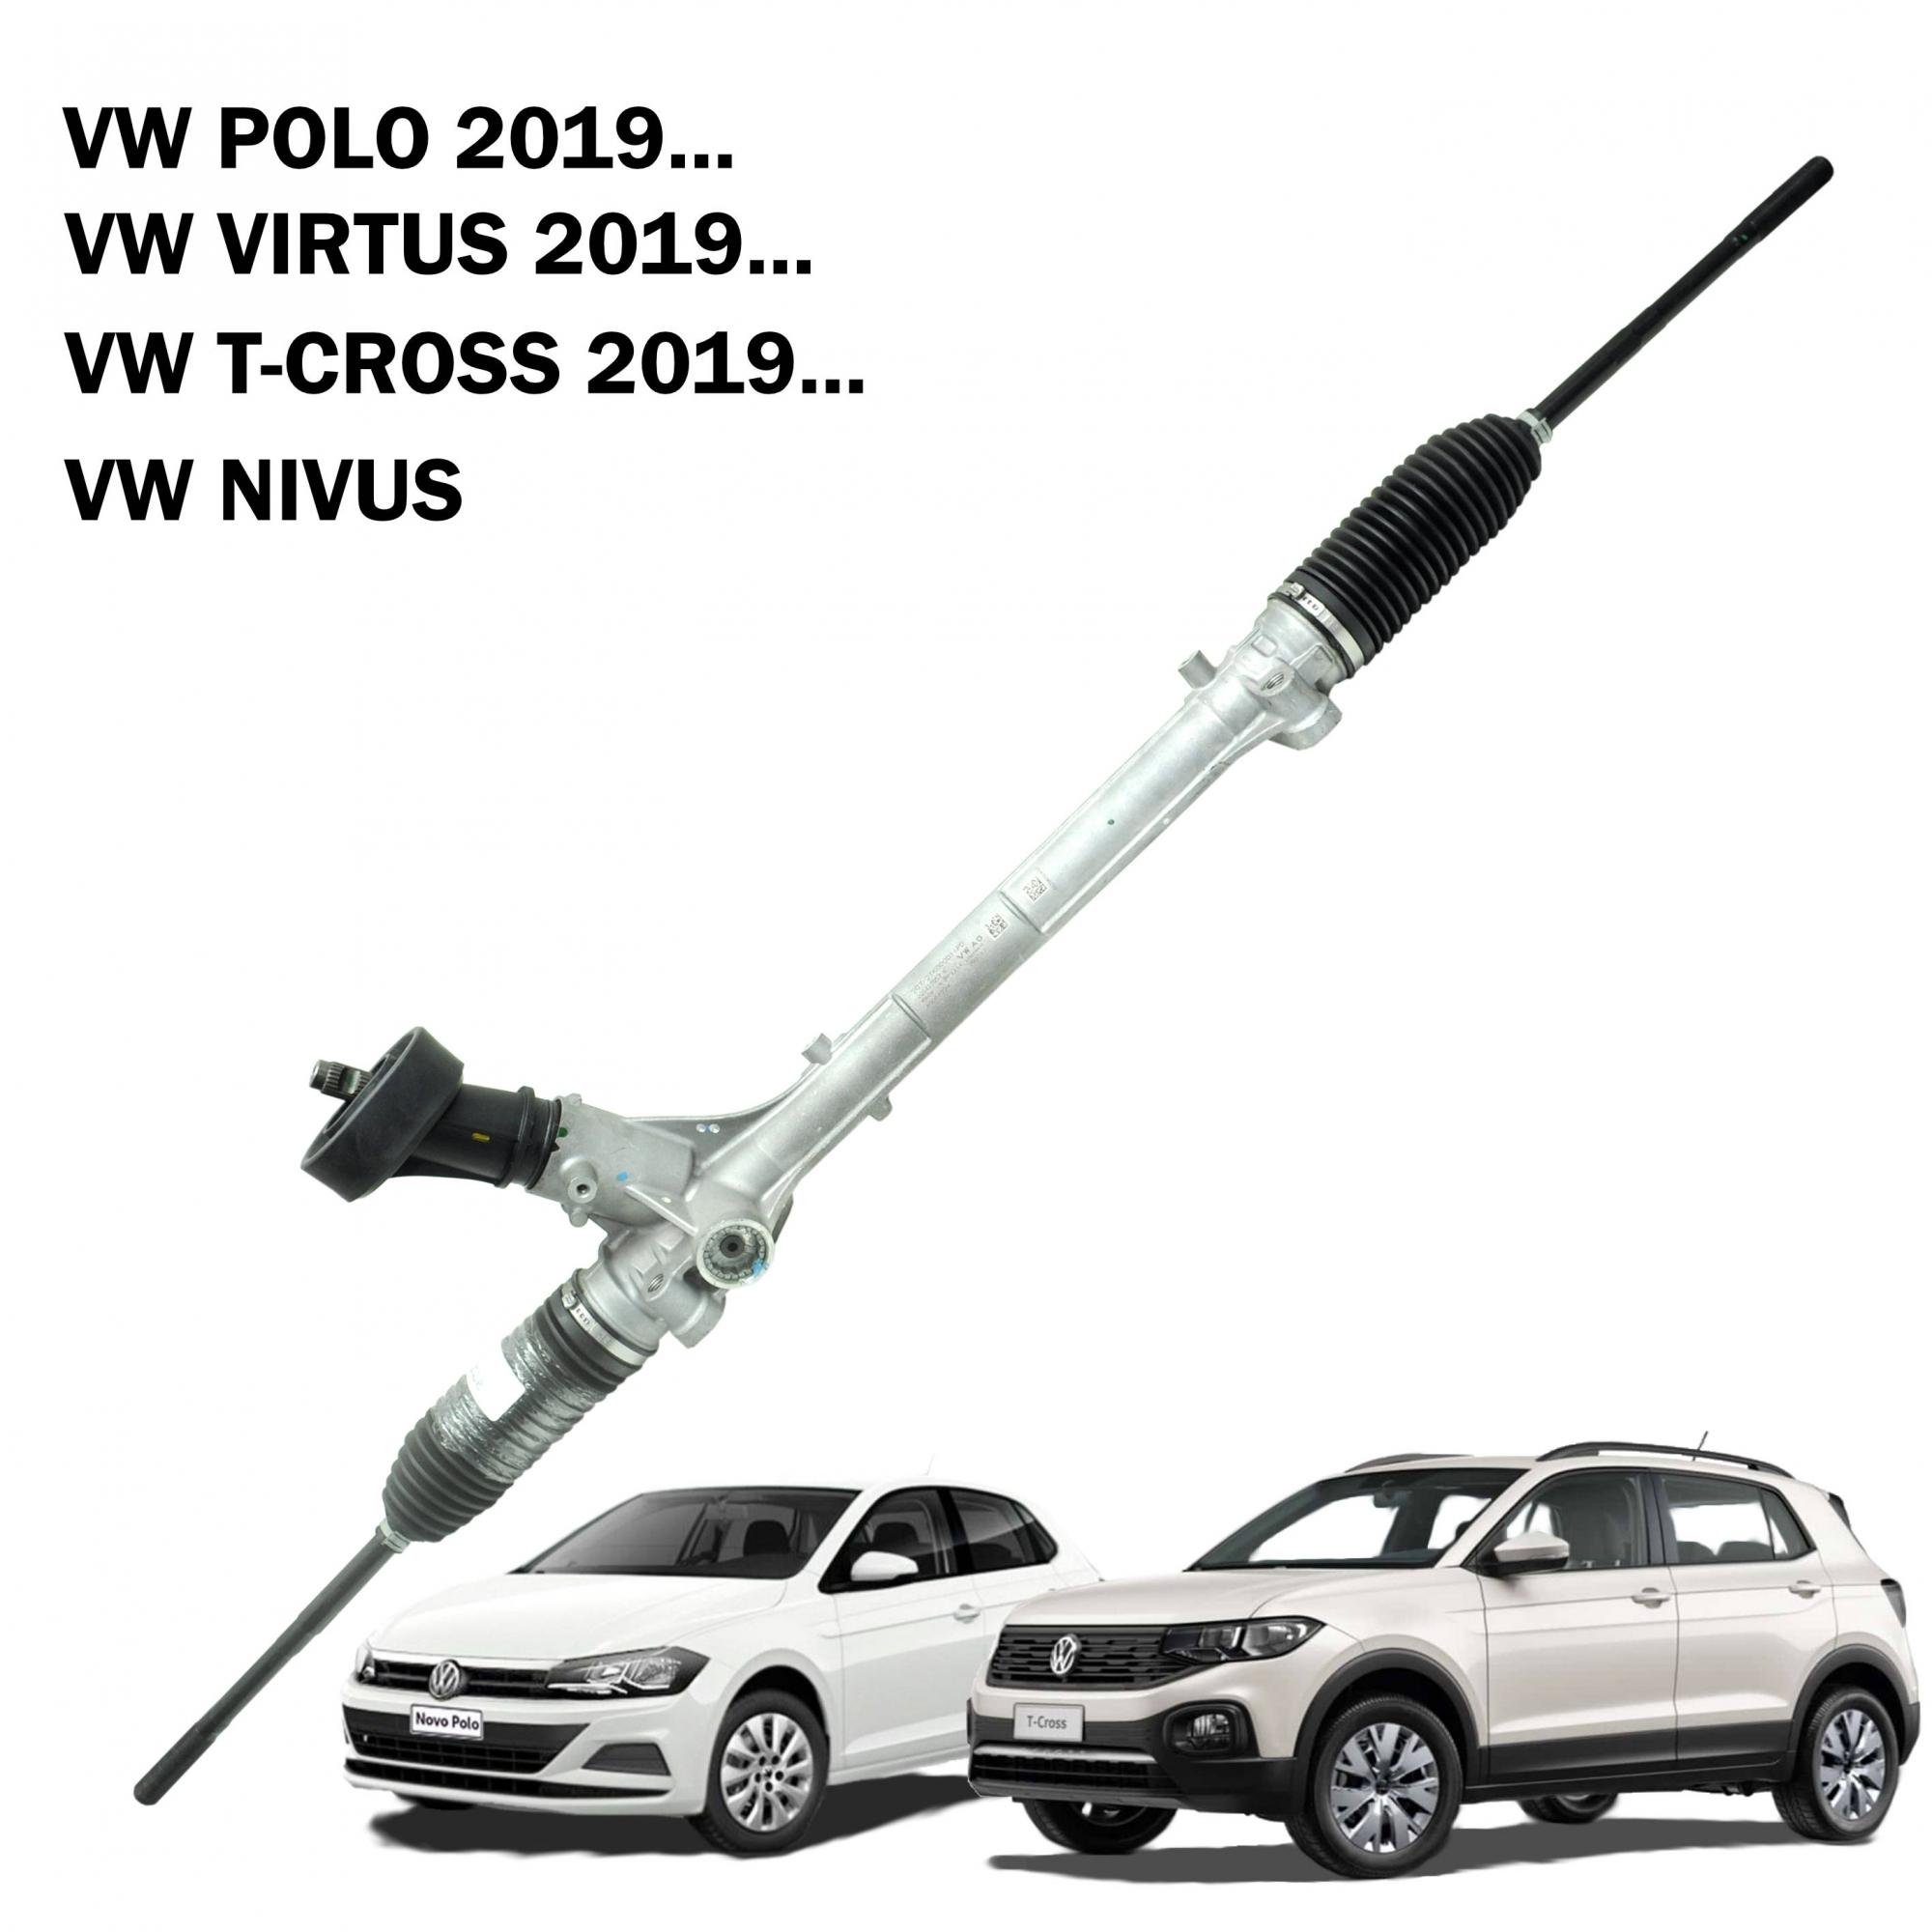 Caixa Direção Mecanica TRW Polo 2019..., Virtus 2019..., T-Cross, Nivus (Sistema Elétrico) 2QB423057C